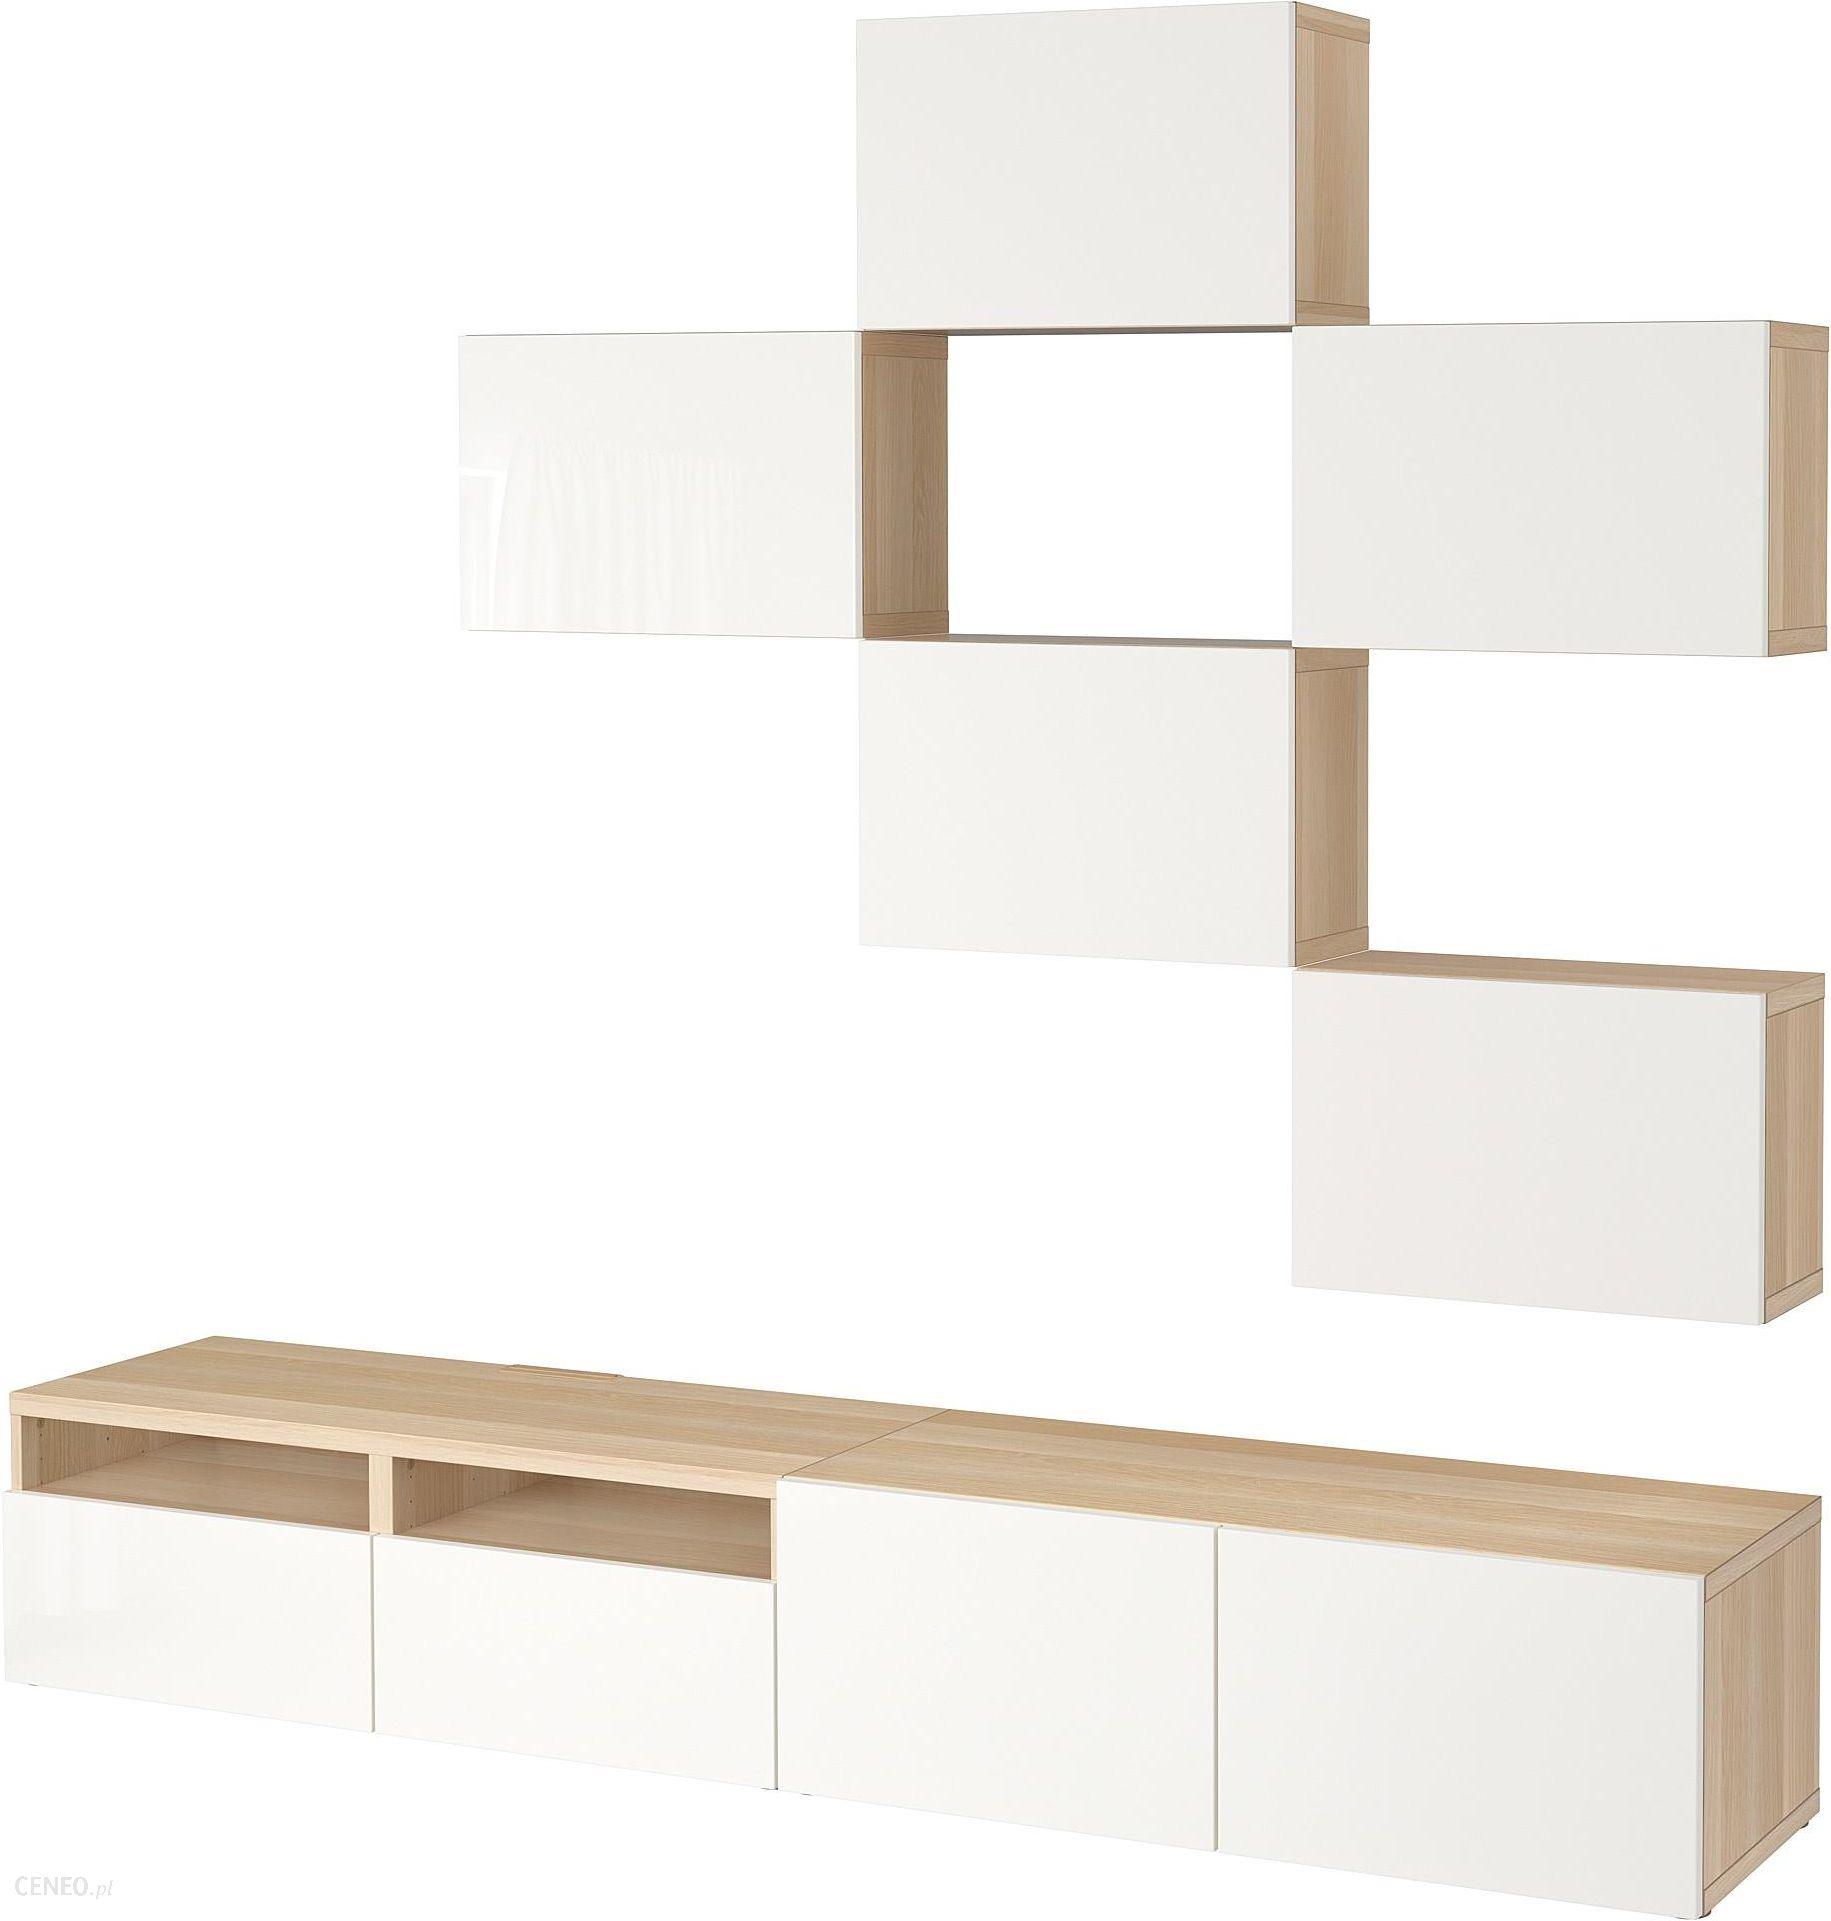 Ikea Besta Szafka Pod Tv S49191593 Opinie I Atrakcyjne Ceny Na Ceneopl